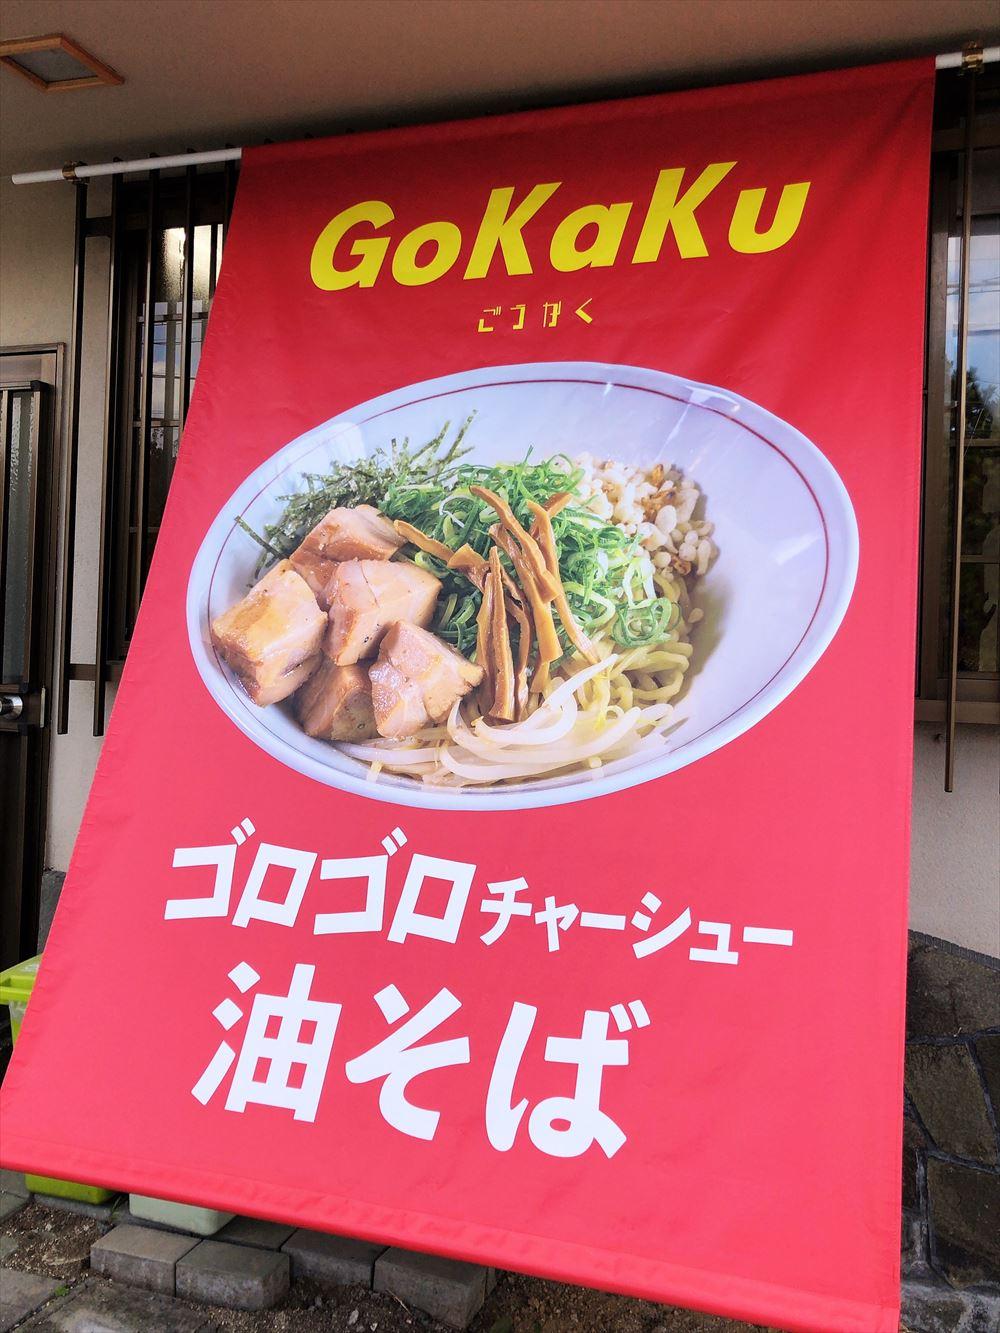 ませそばあぶらそば専門店 GoKaKuの外観